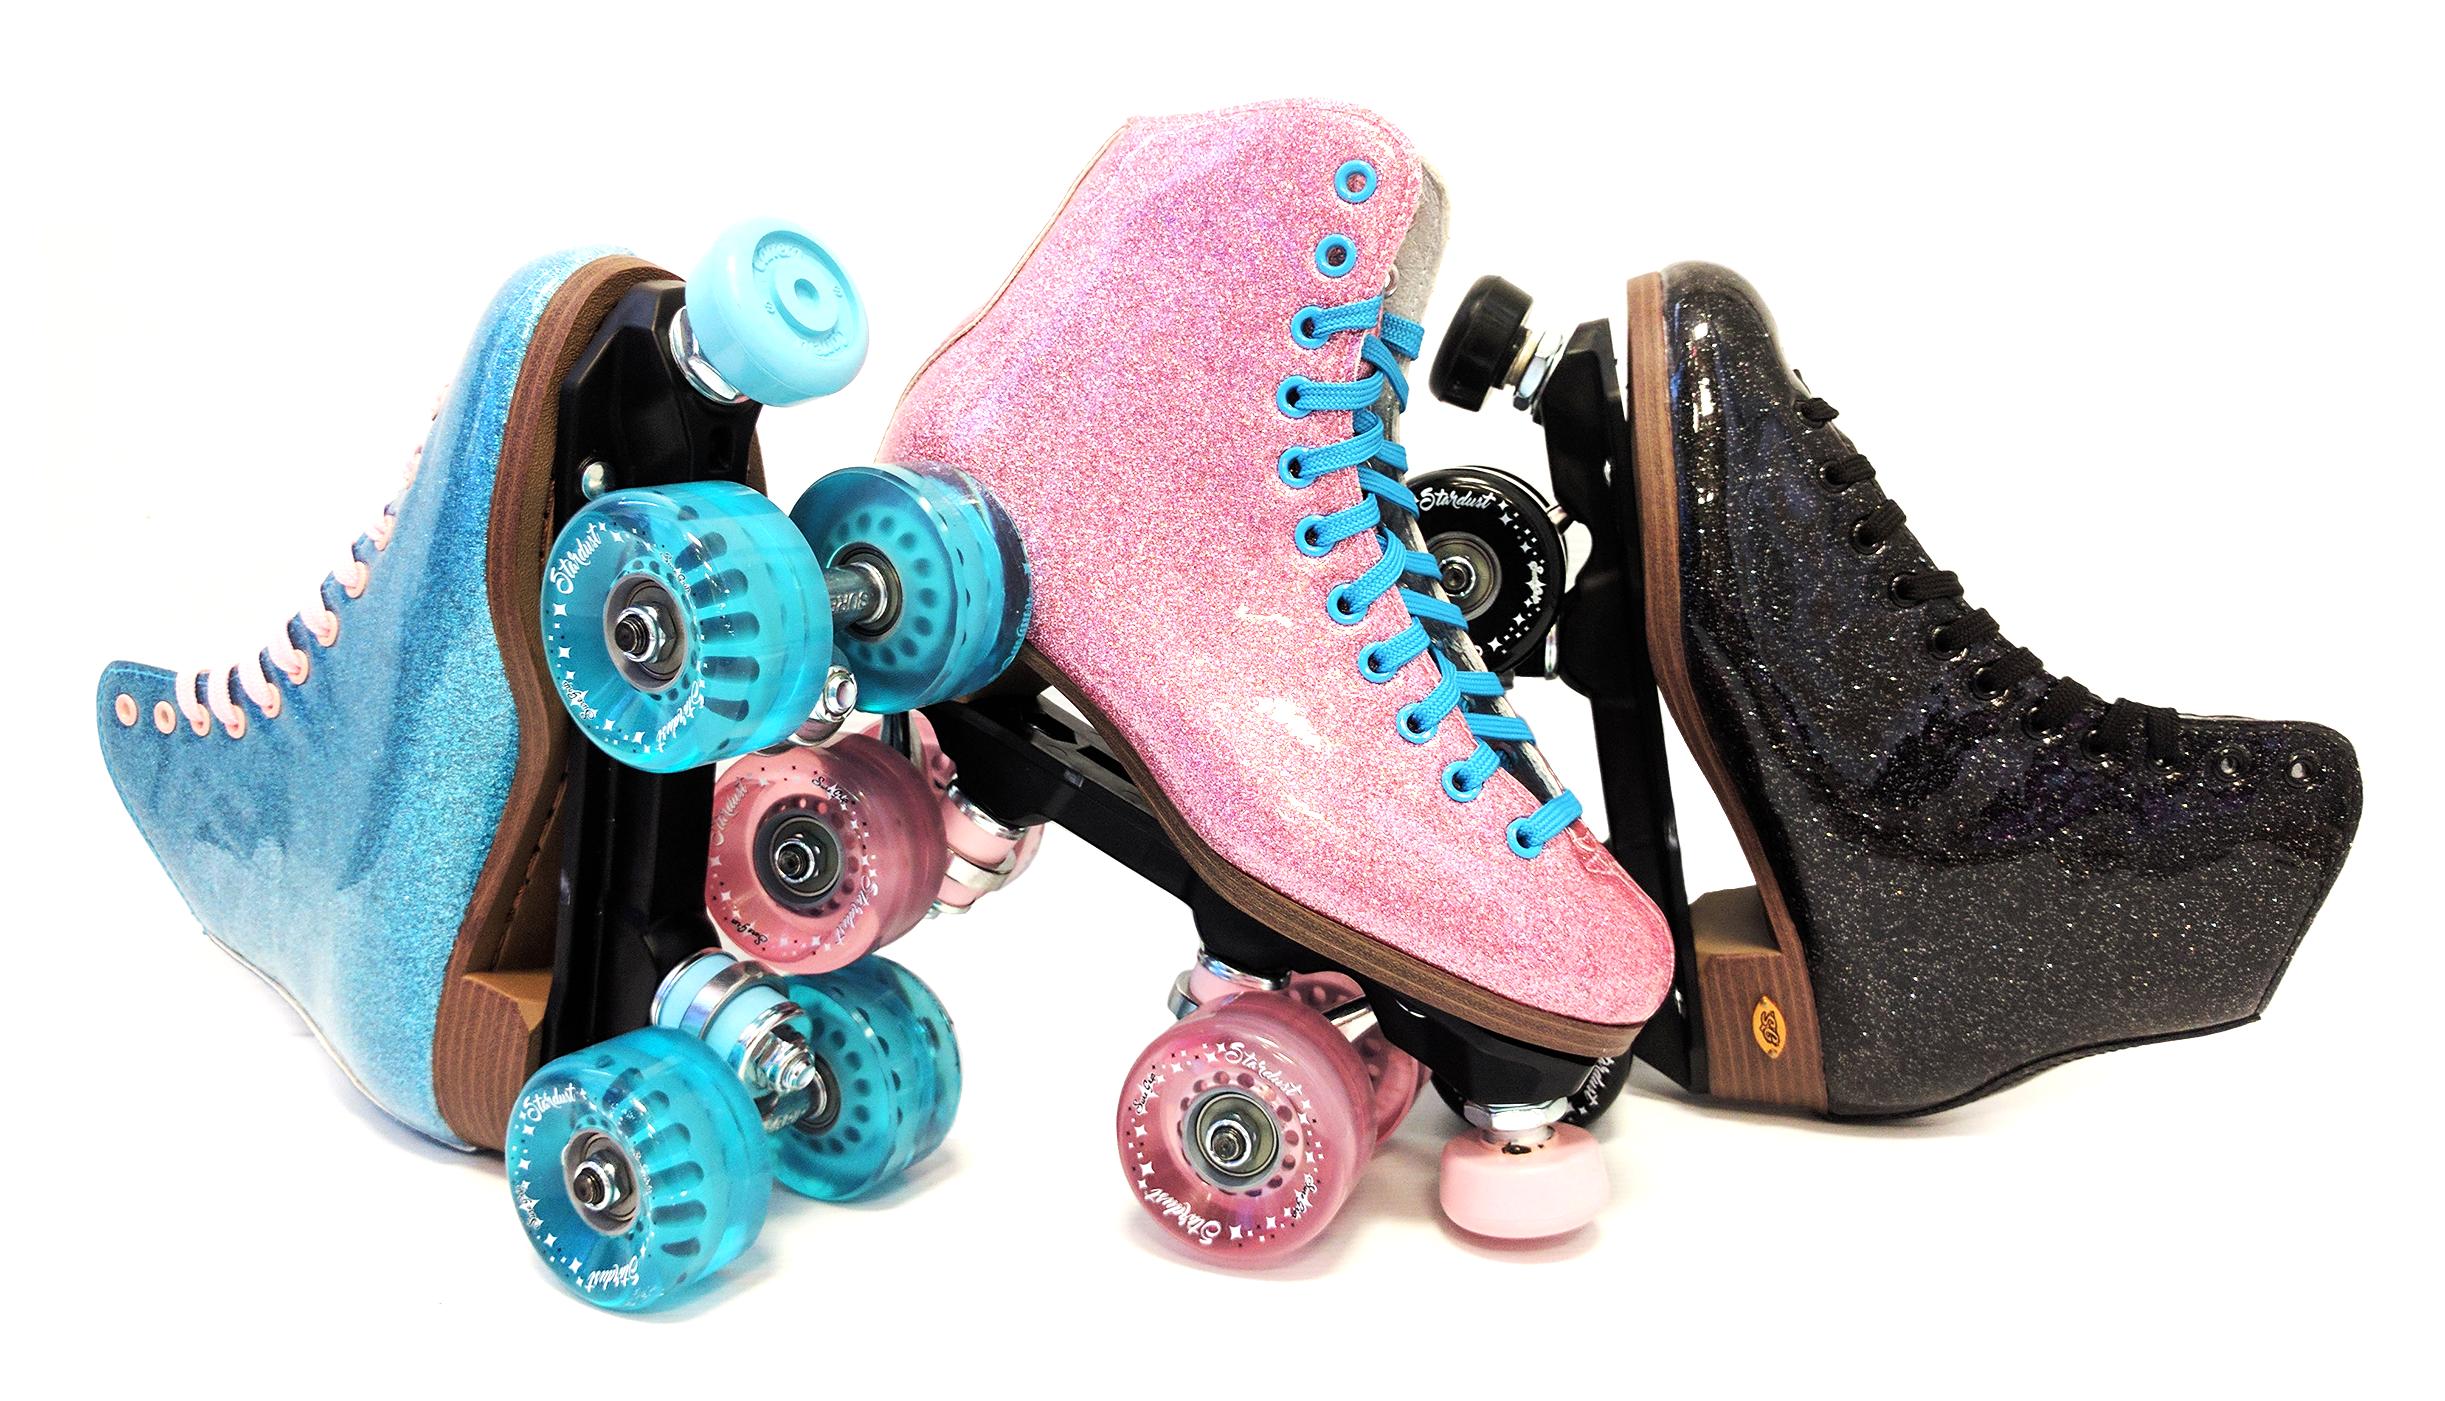 Best Outdoor Roller Skates for Women 2018 - rollerskatesreviews.com ... 44cbe4eca4